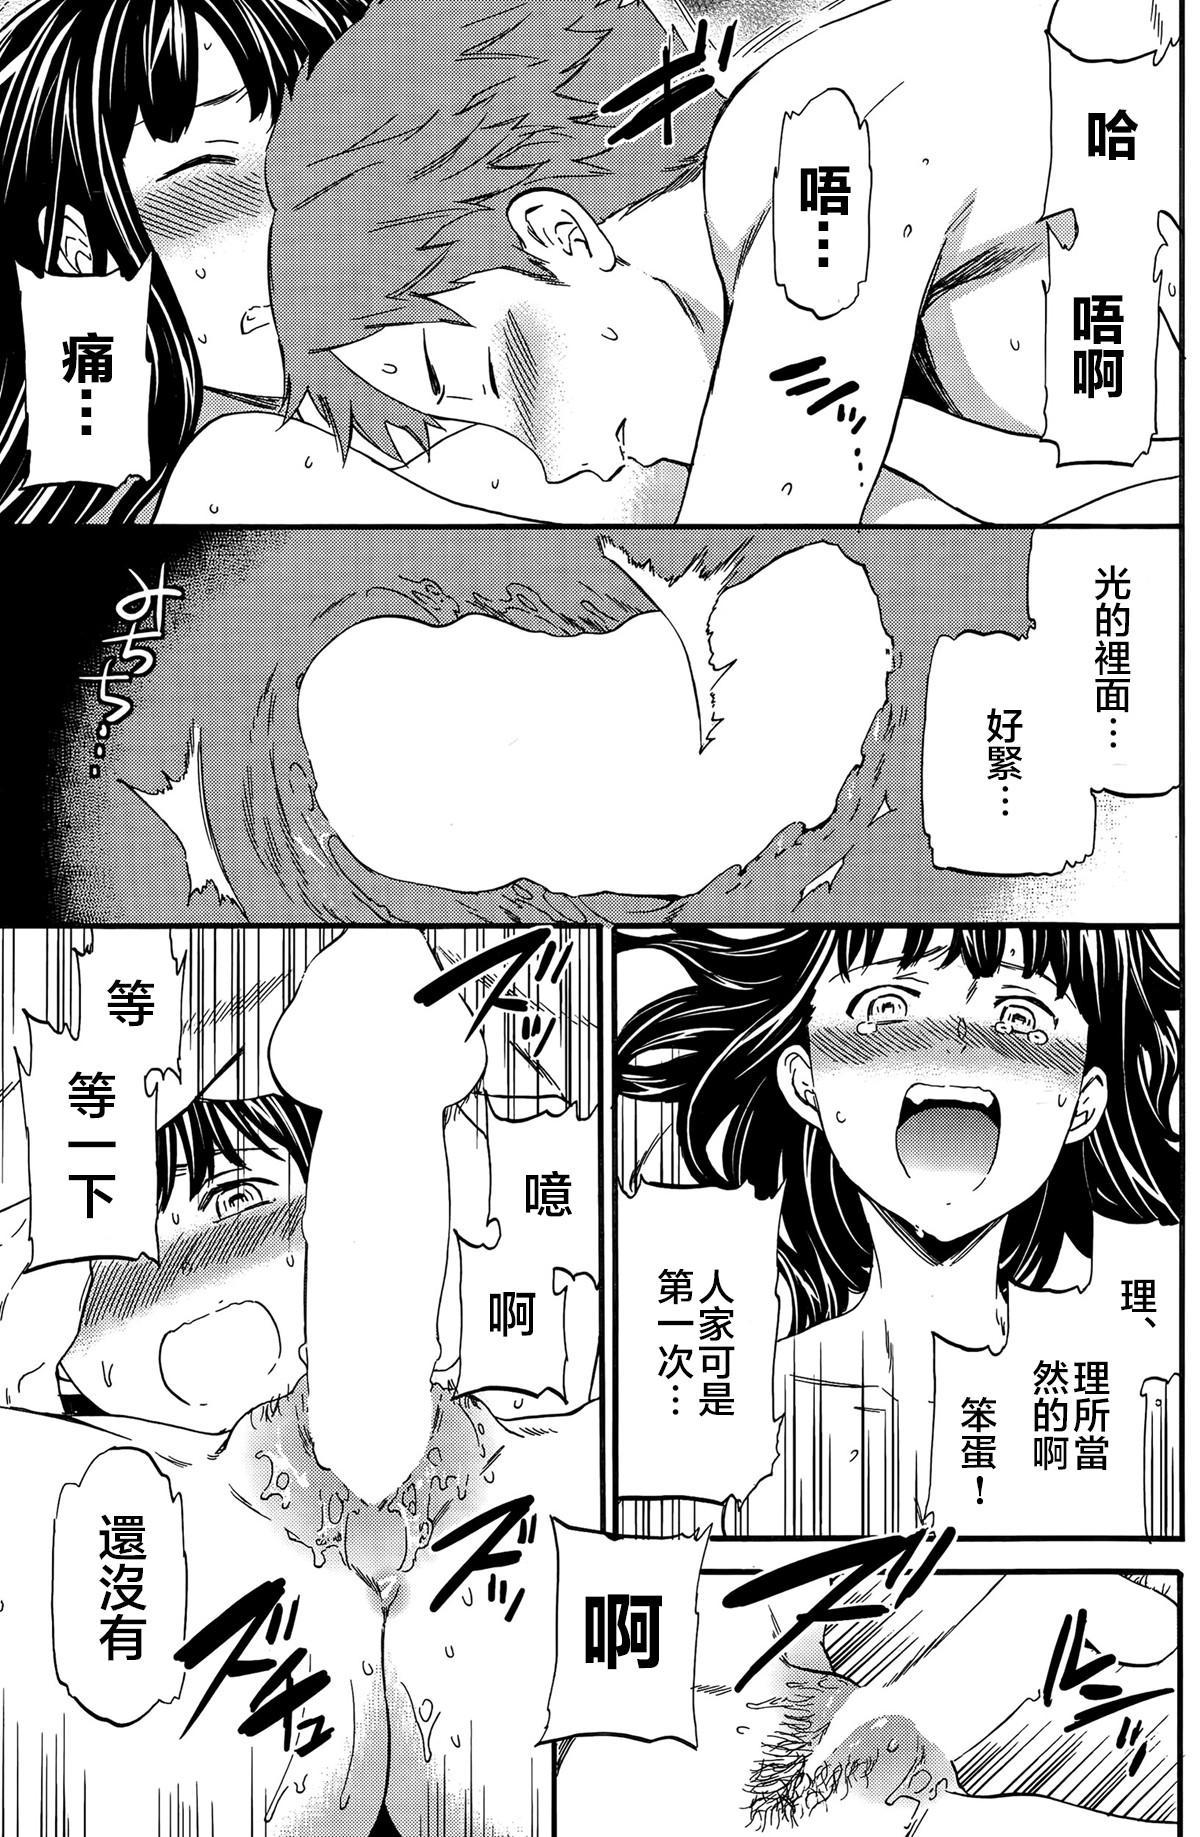 Osananajimi Shinkouken! 12